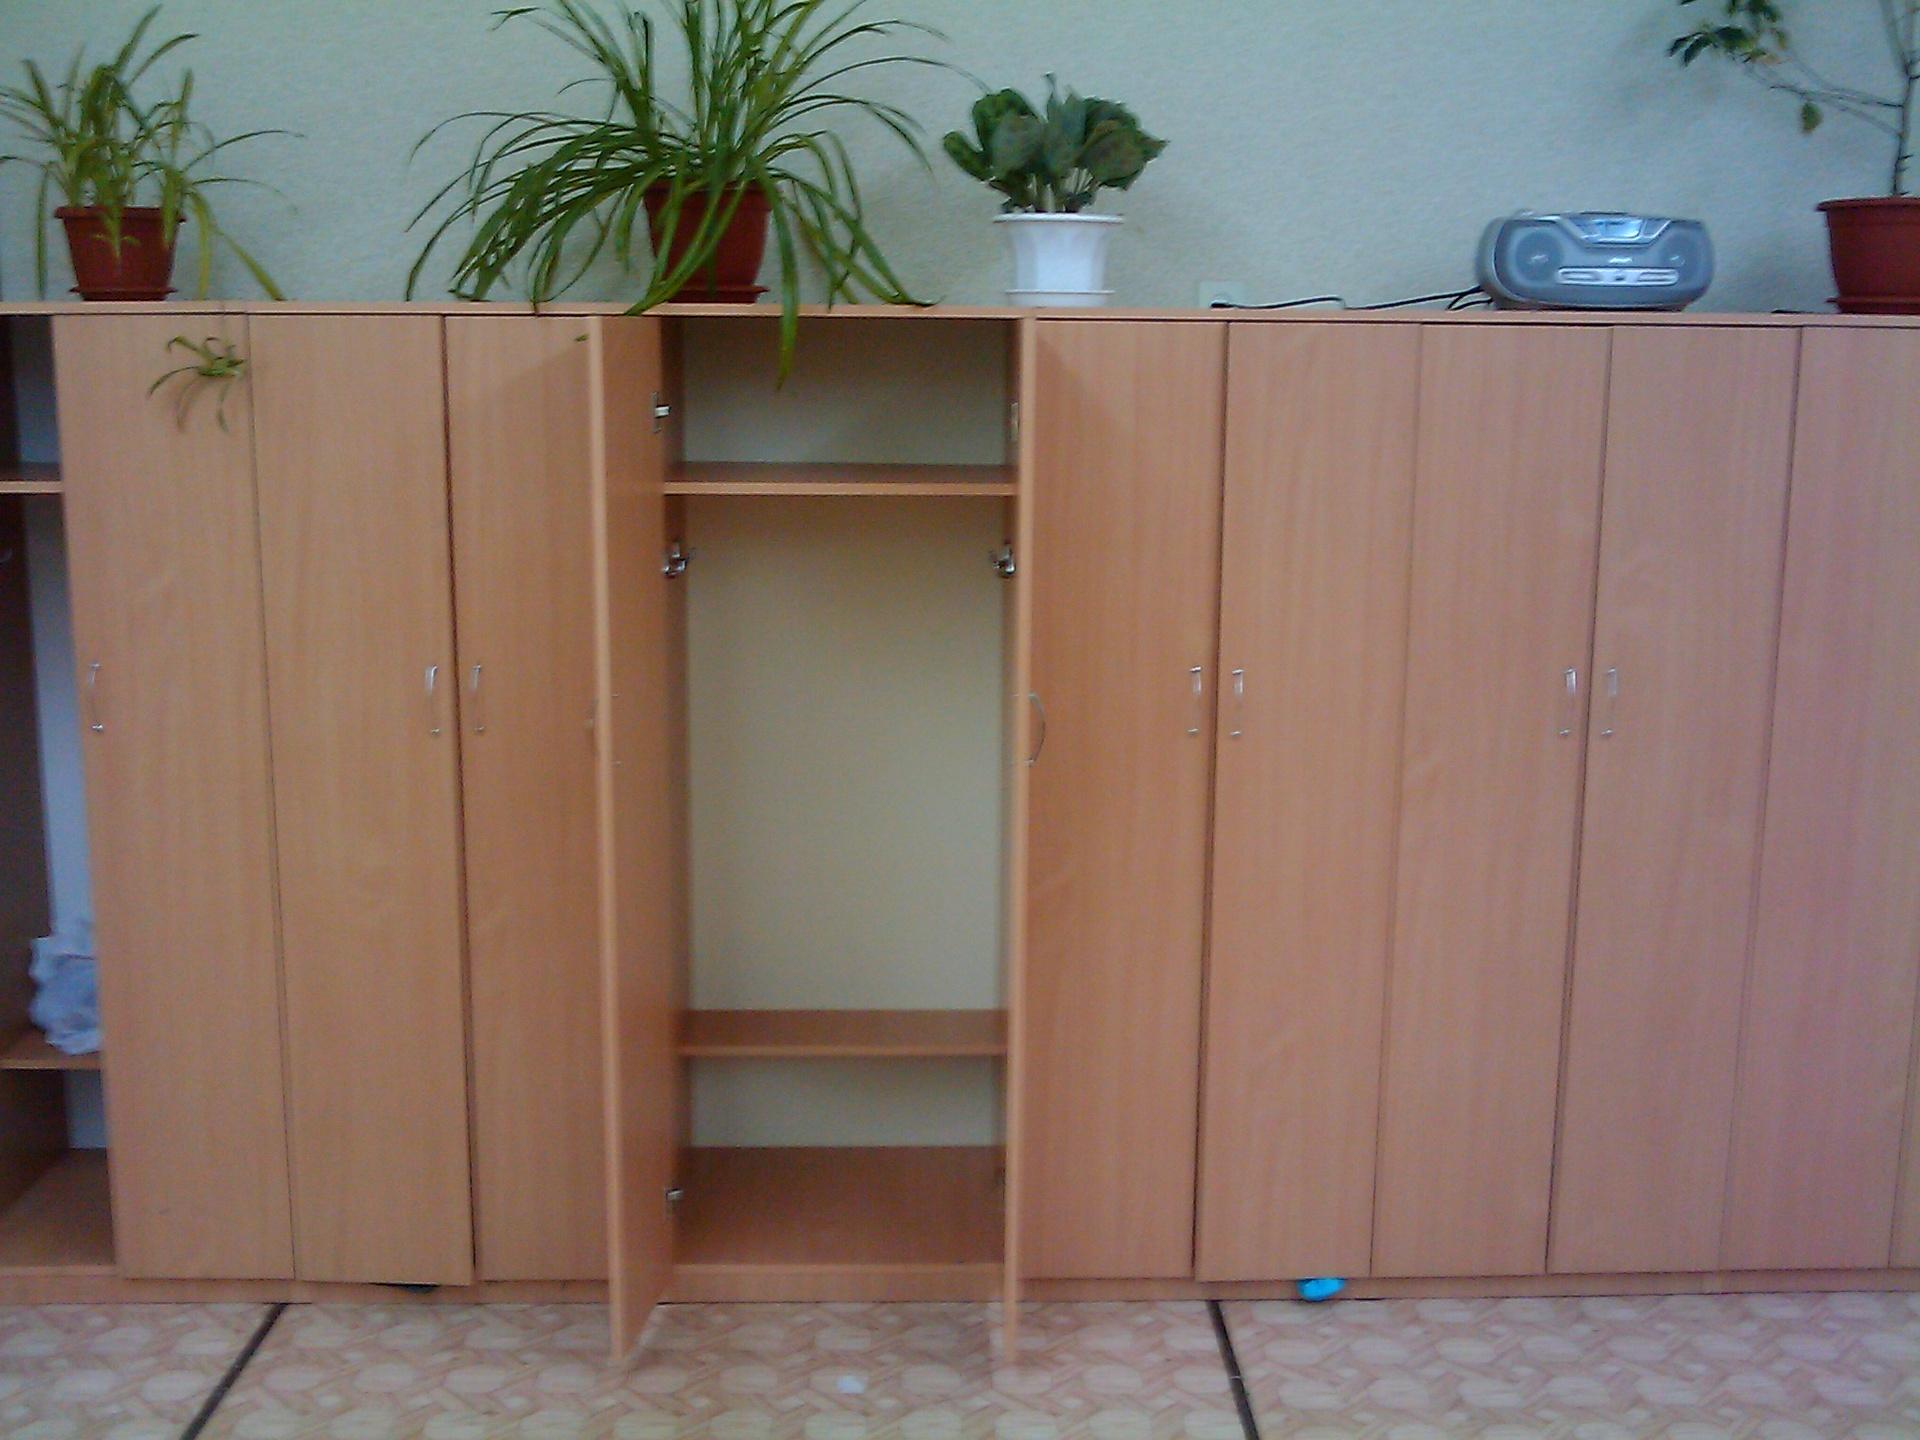 Купить шкафчики для раздевалки в школе - мебель на заказ от .